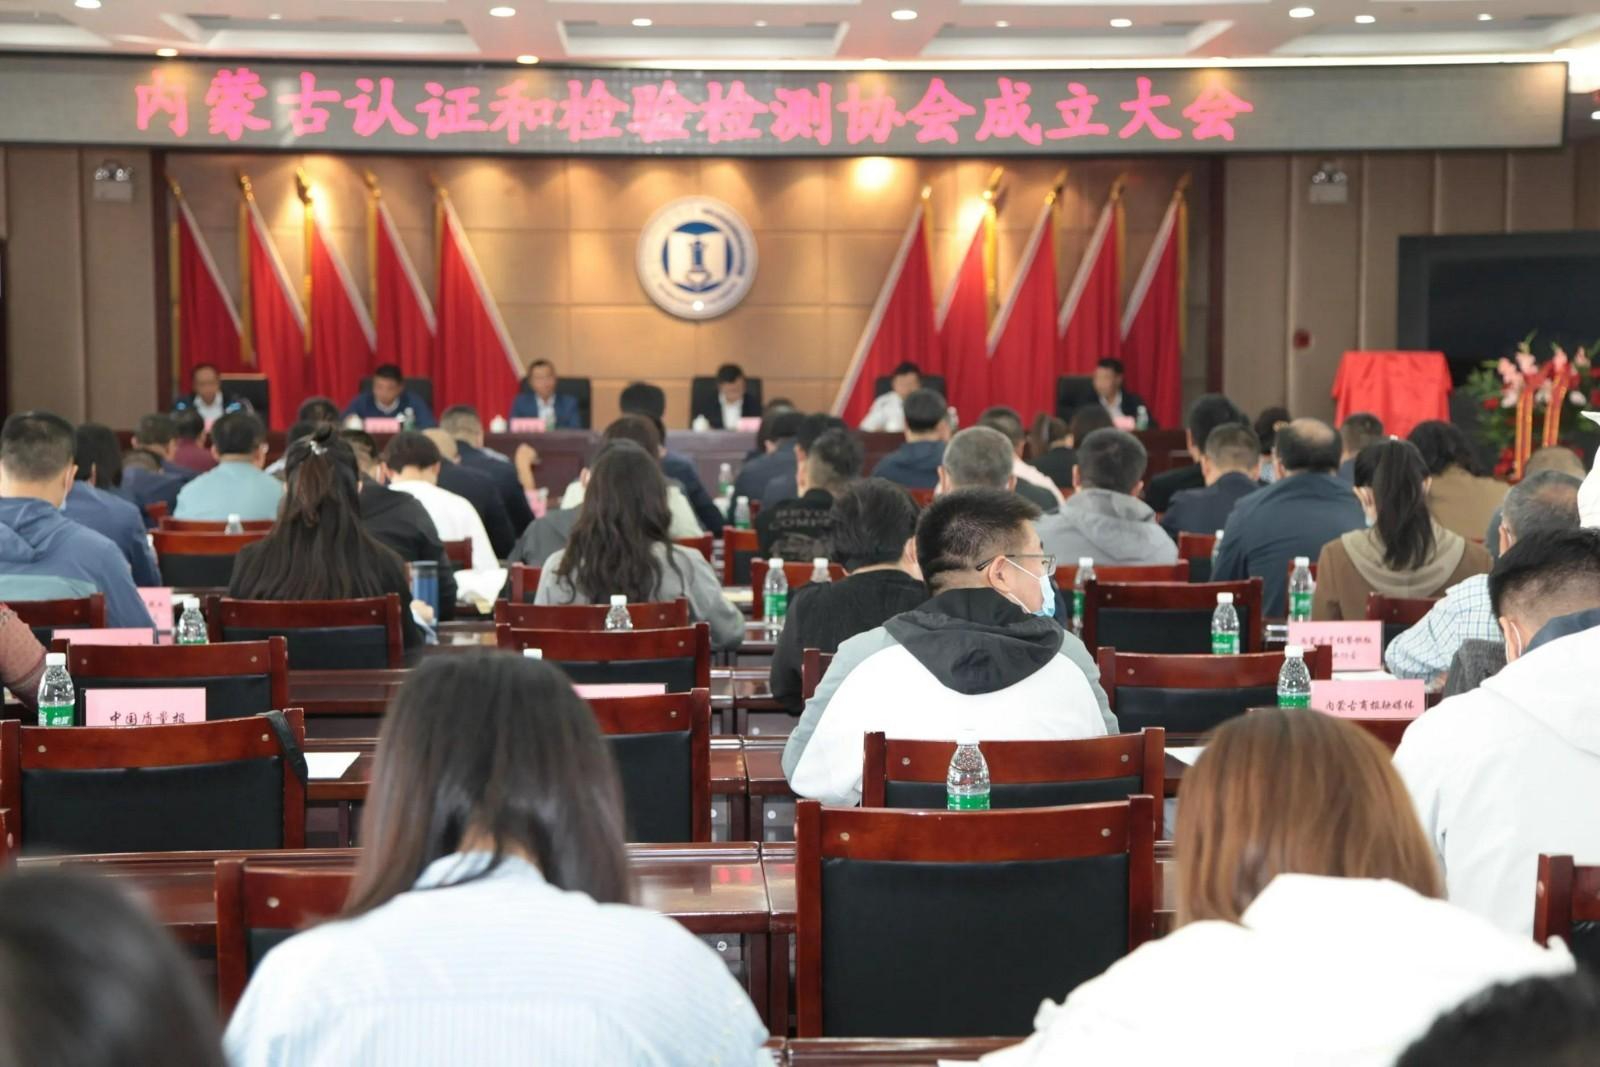 内蒙古认证和检验检测协会成立大会现场.jpg